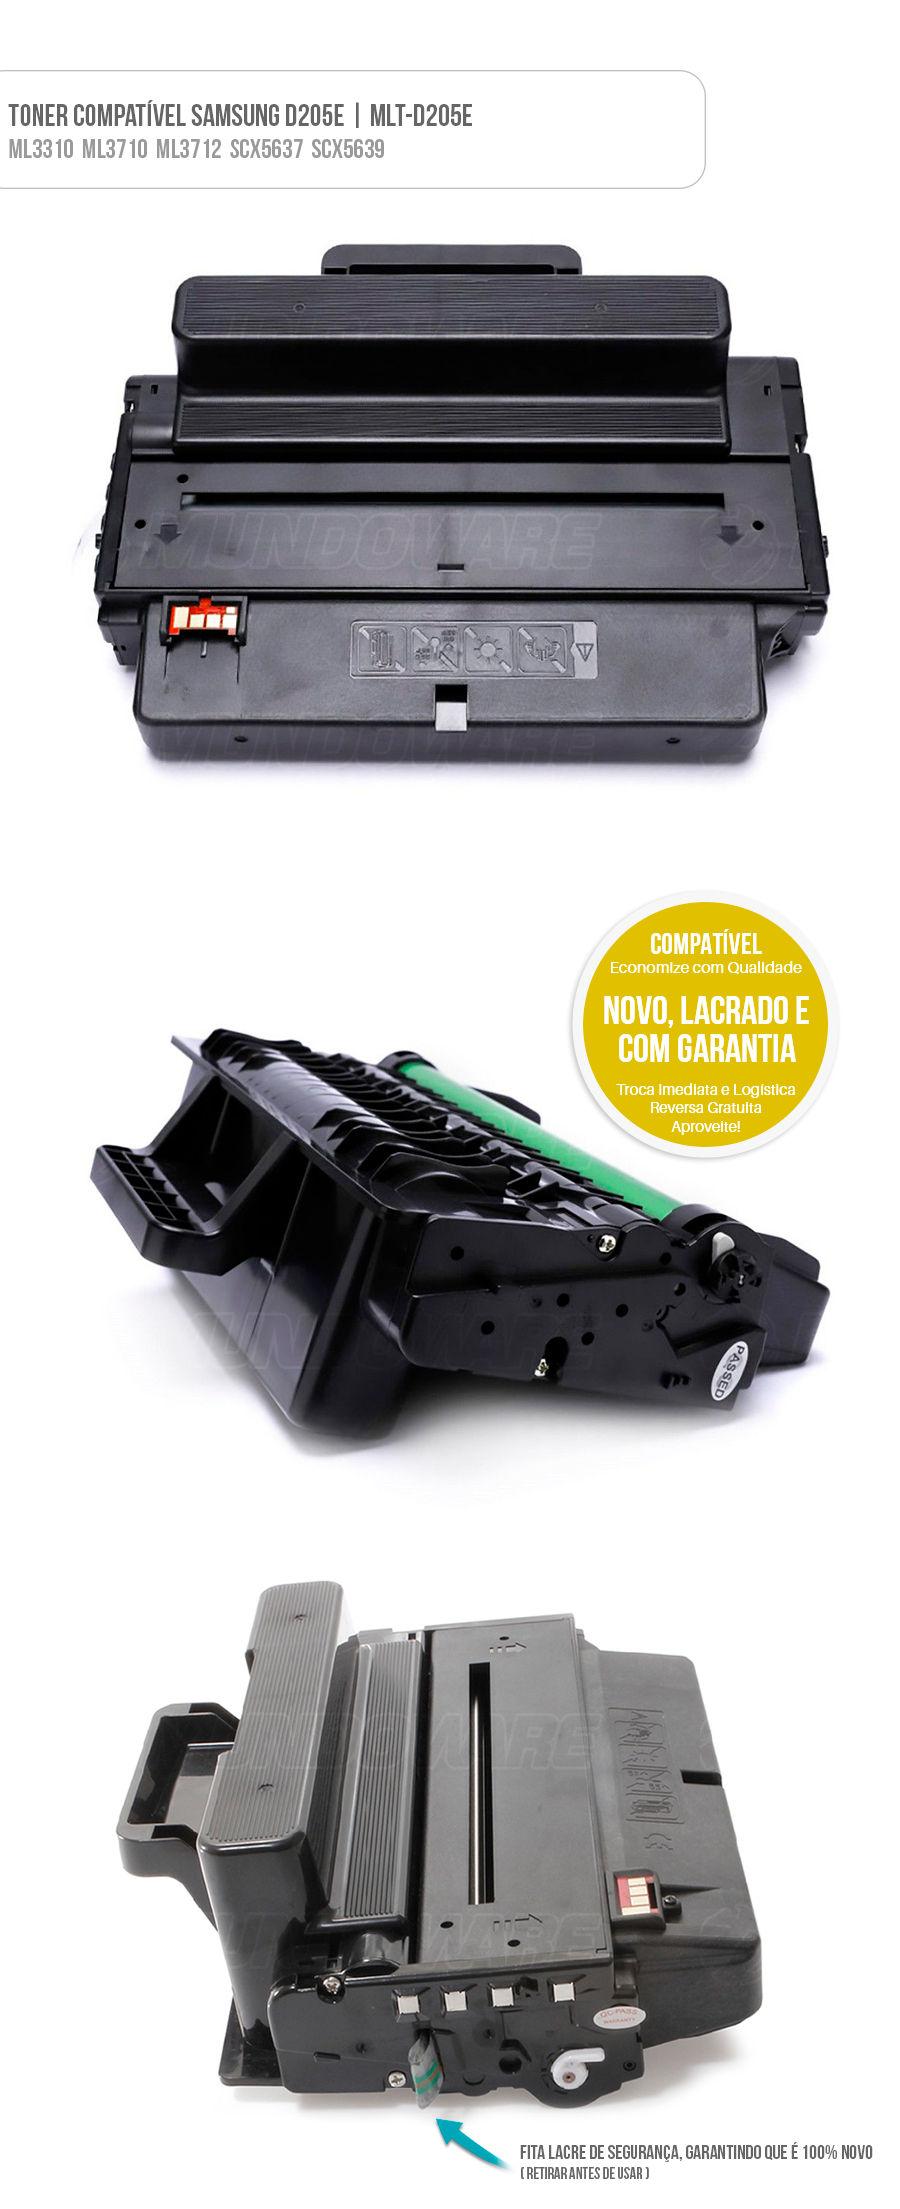 Cartucho de Toner Compatível Samsung para ML3310 ML3710 SCX5637 Tonner D205E 205E